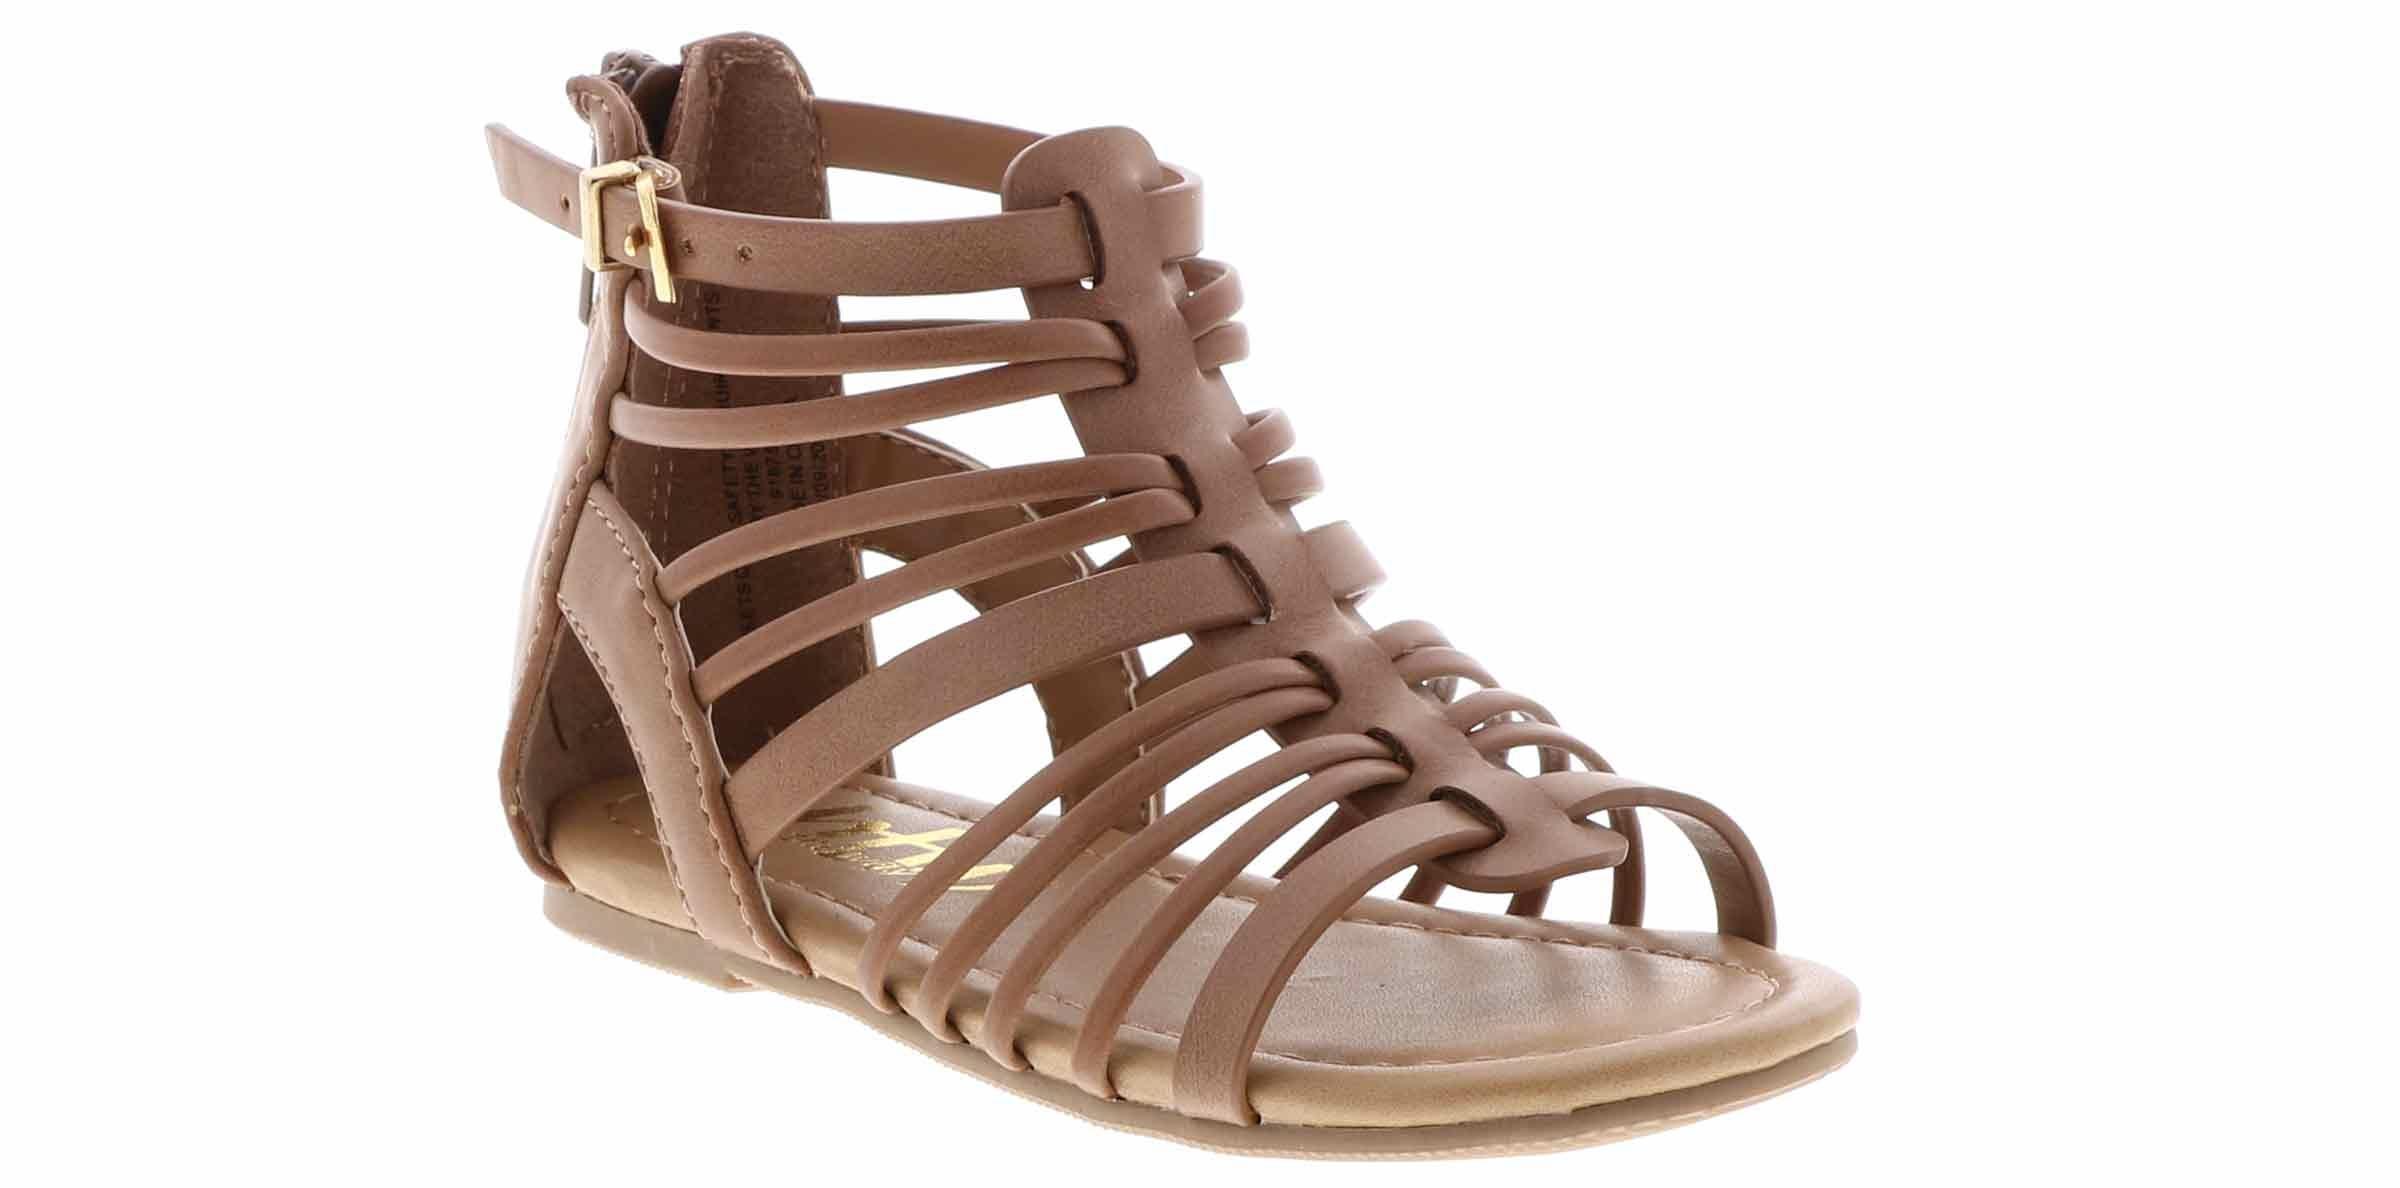 Toddler Girls Gladiator Flat Kid Sandals Shoes 5-10